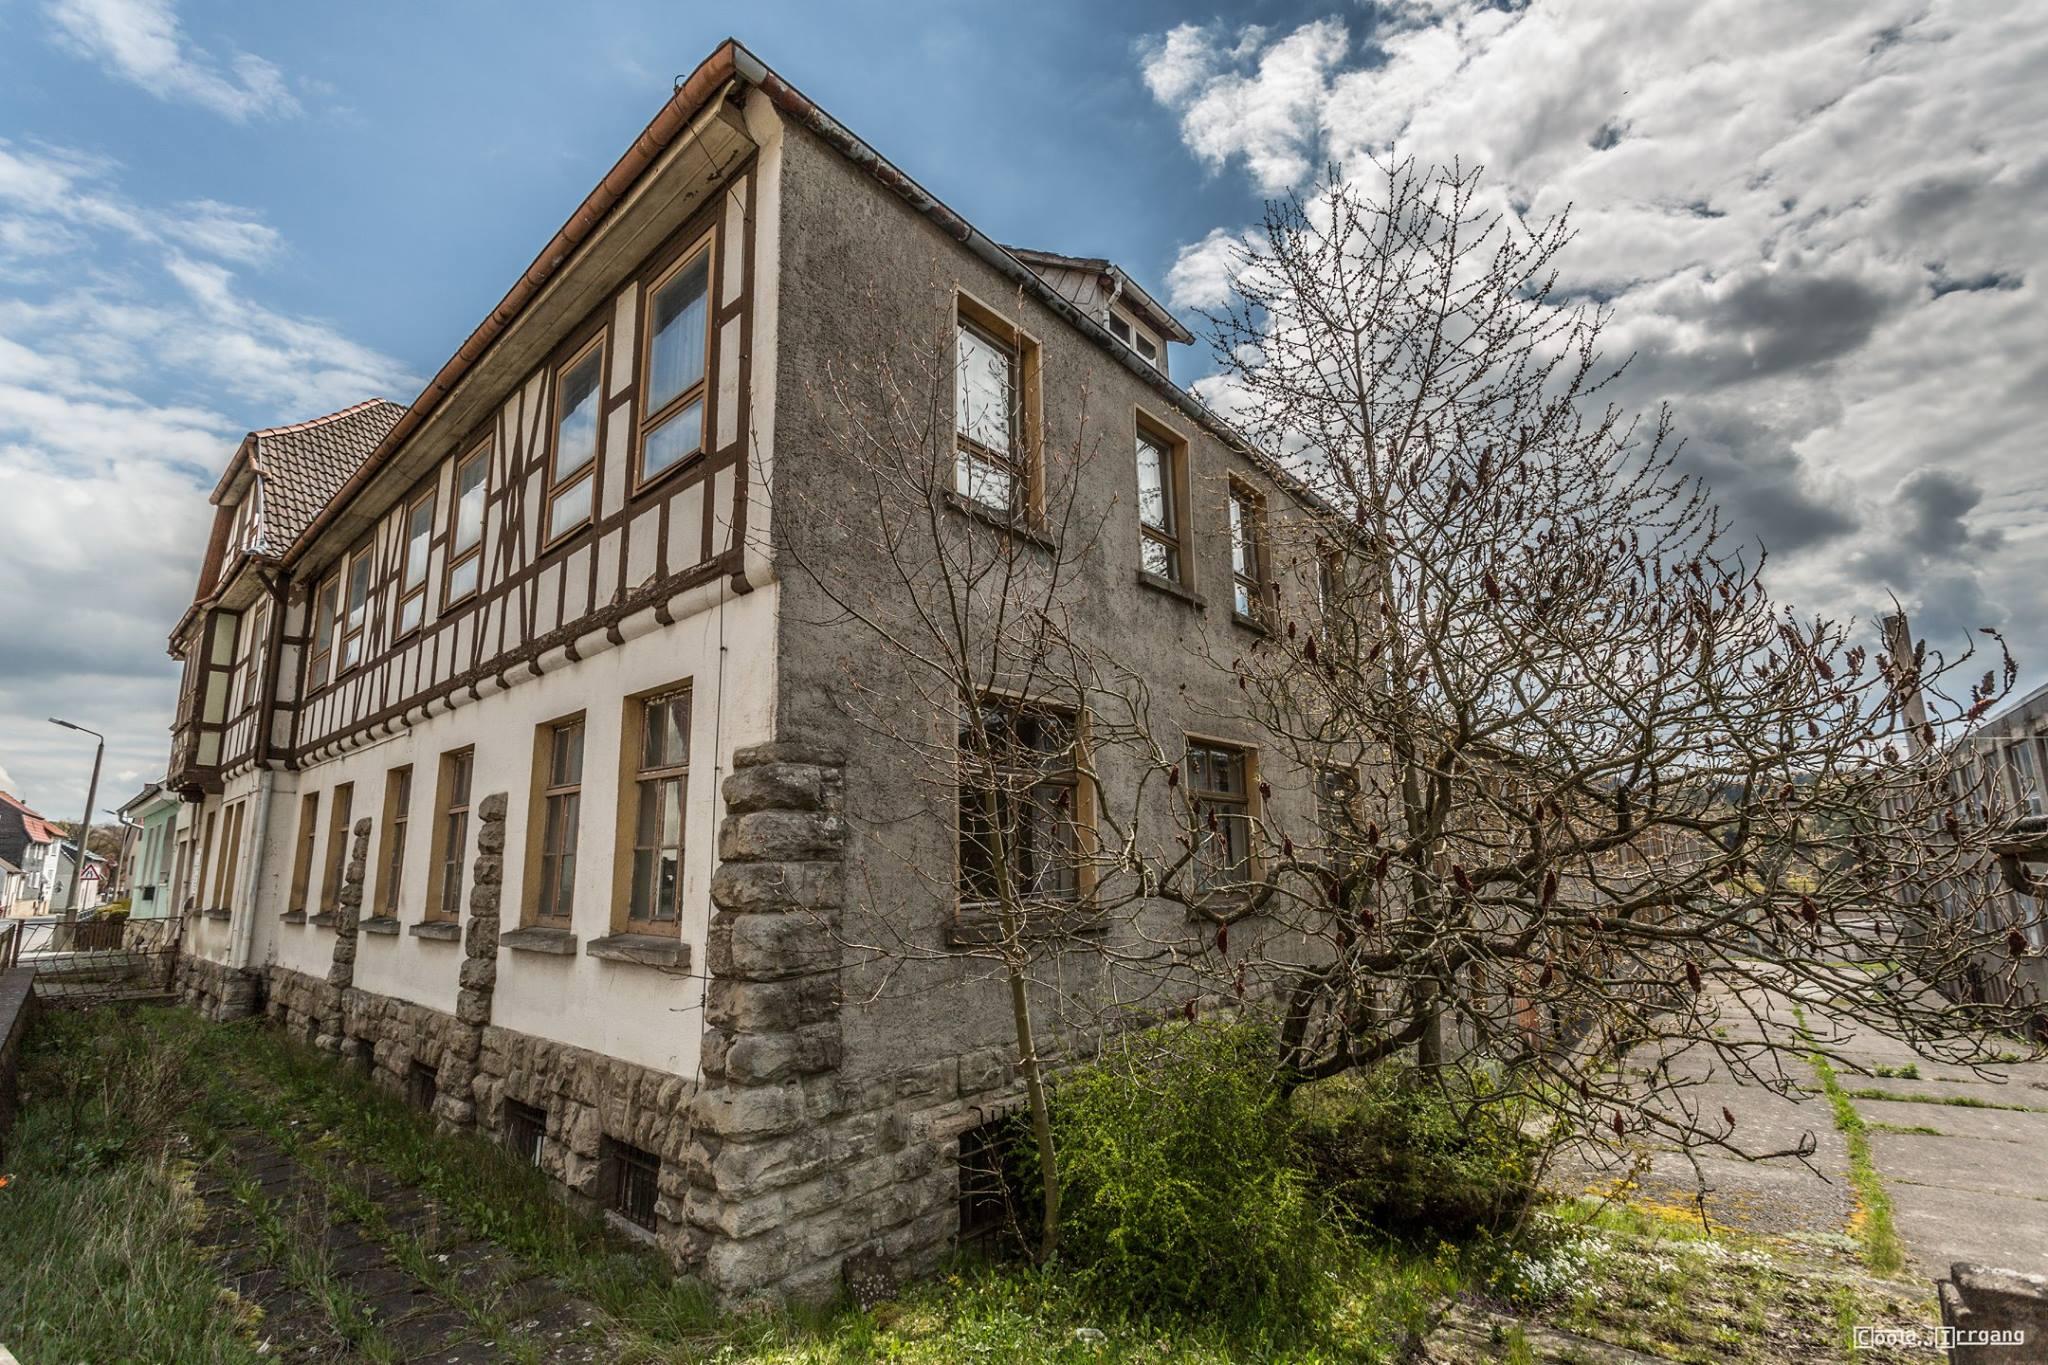 Strumpfwarenfabrik Diedorf33